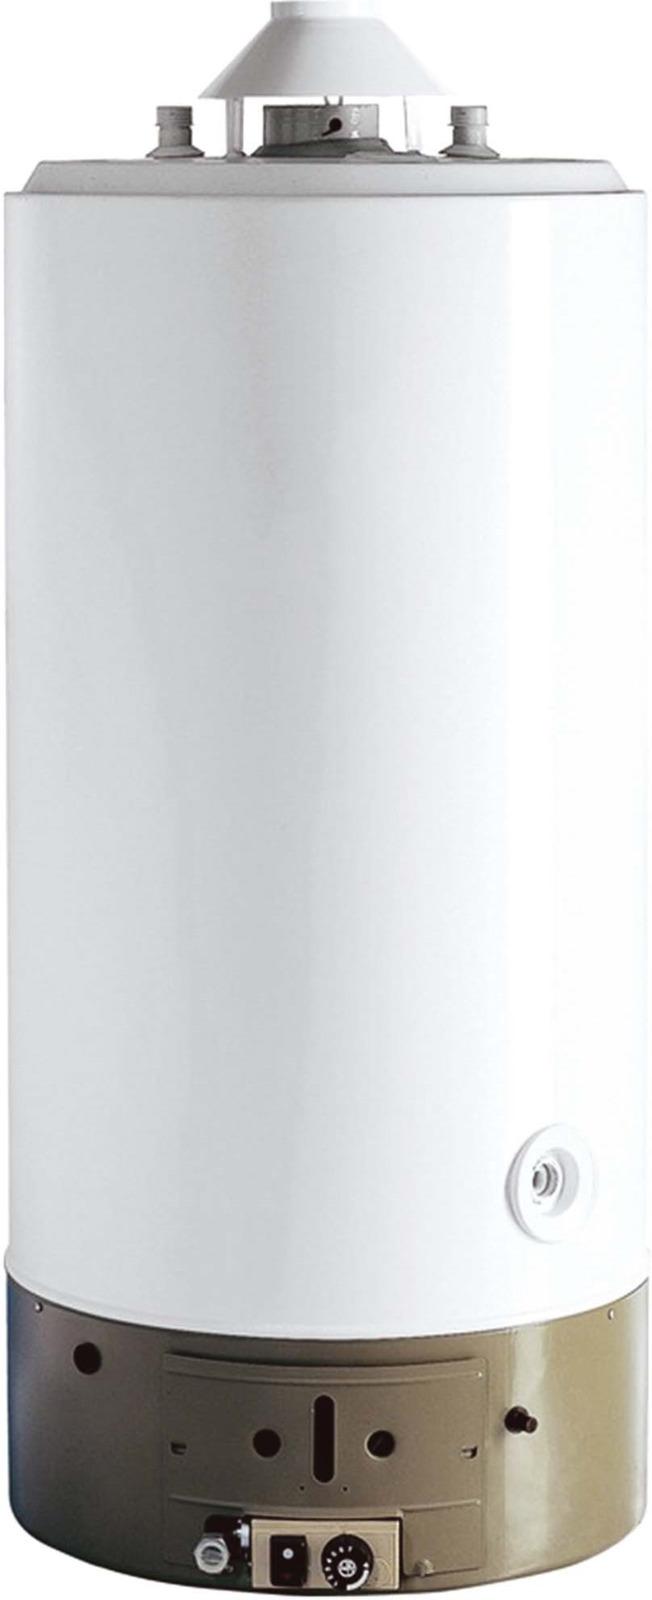 Водонагреватель Ariston SGA 150, накопительный, белый